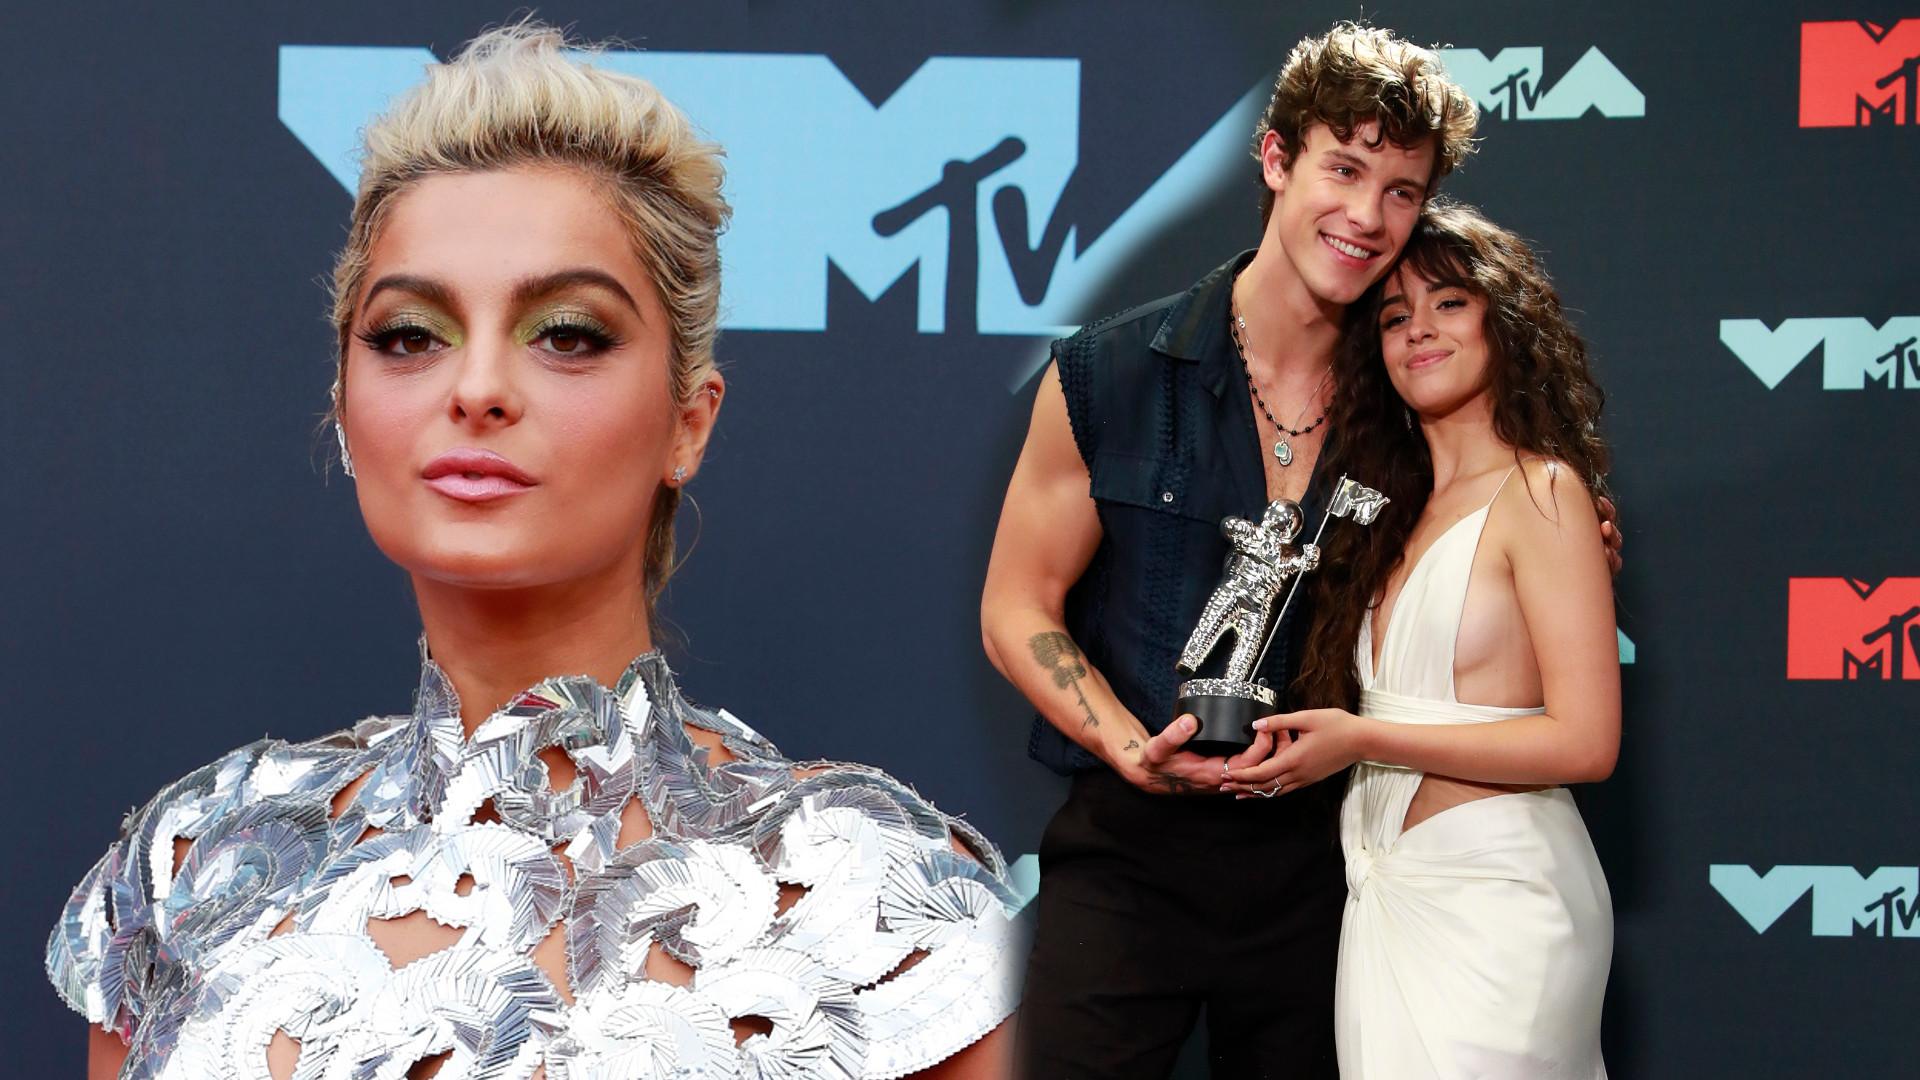 Gwiazdy pozują na czerwonym dywanie podczas MTV VMA 2019